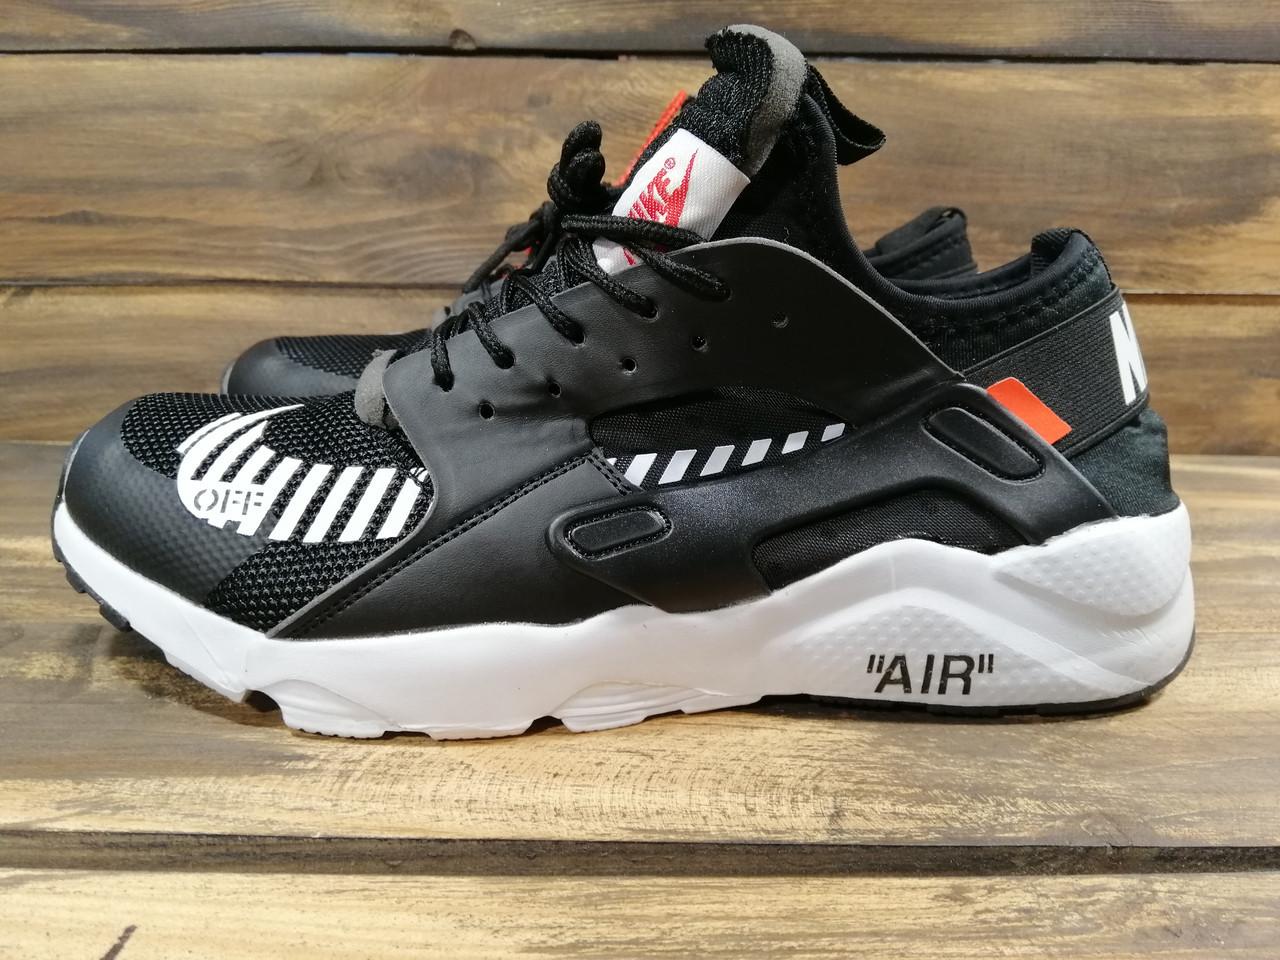 huge discount d0957 33d4c Кроссовки мужские Nike Huarache OFF-White - Bigl.ua